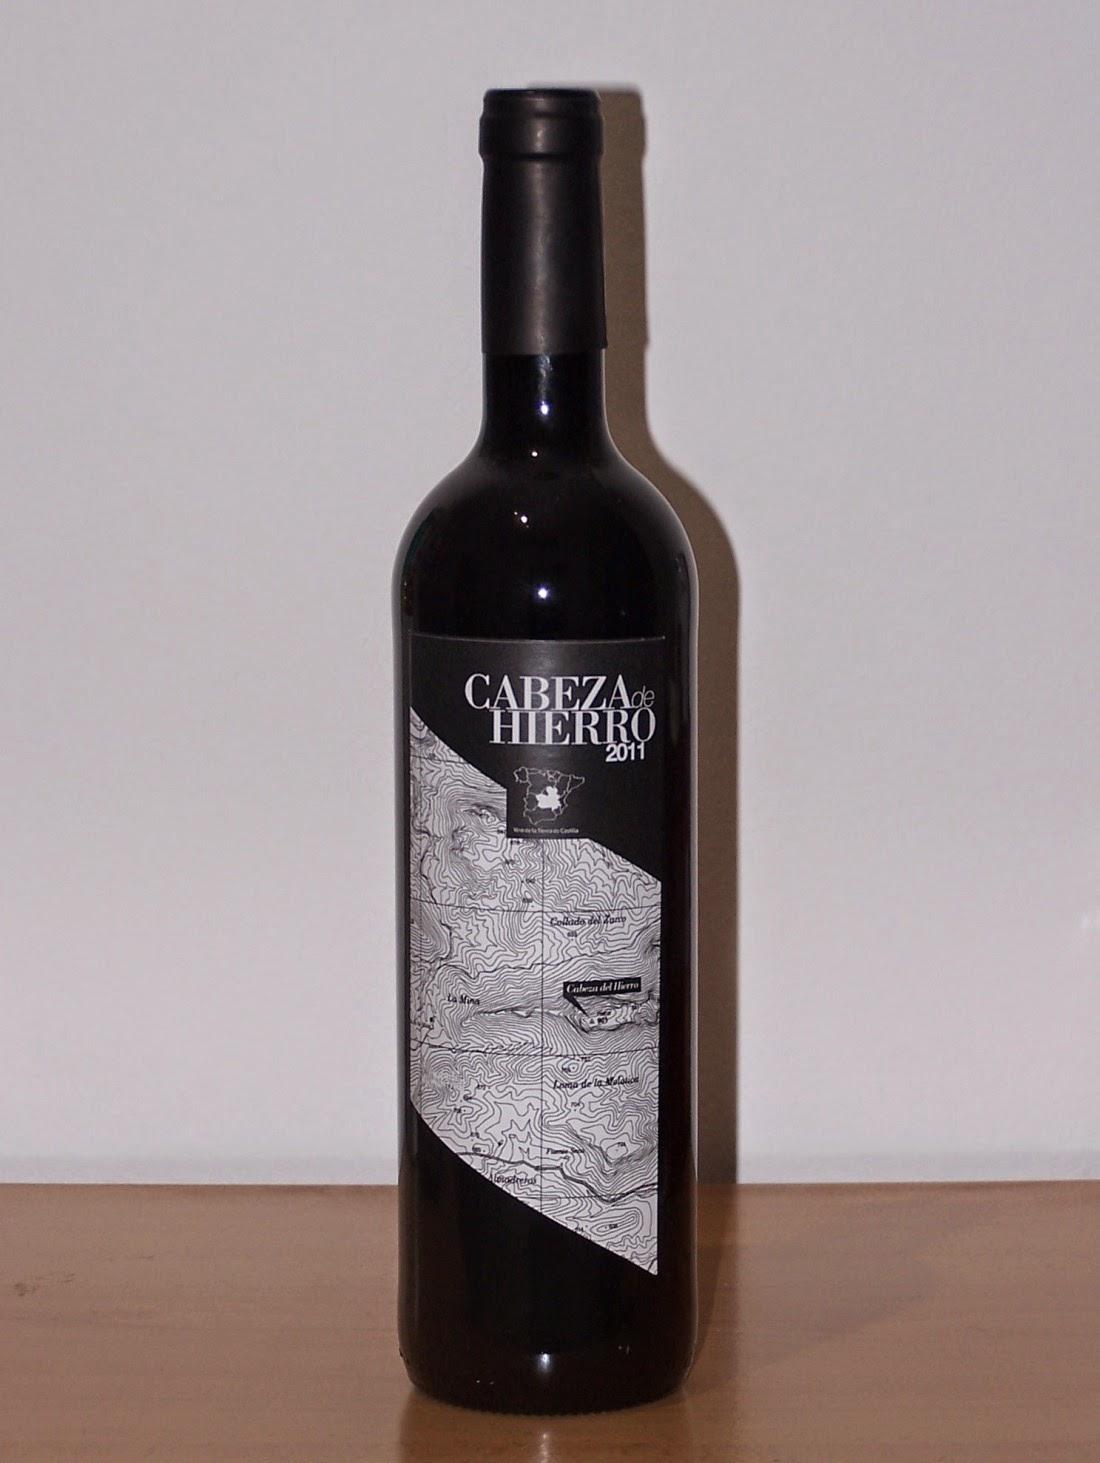 Cabeza de Hierro 2011, Vino de la Tierra de Castilla